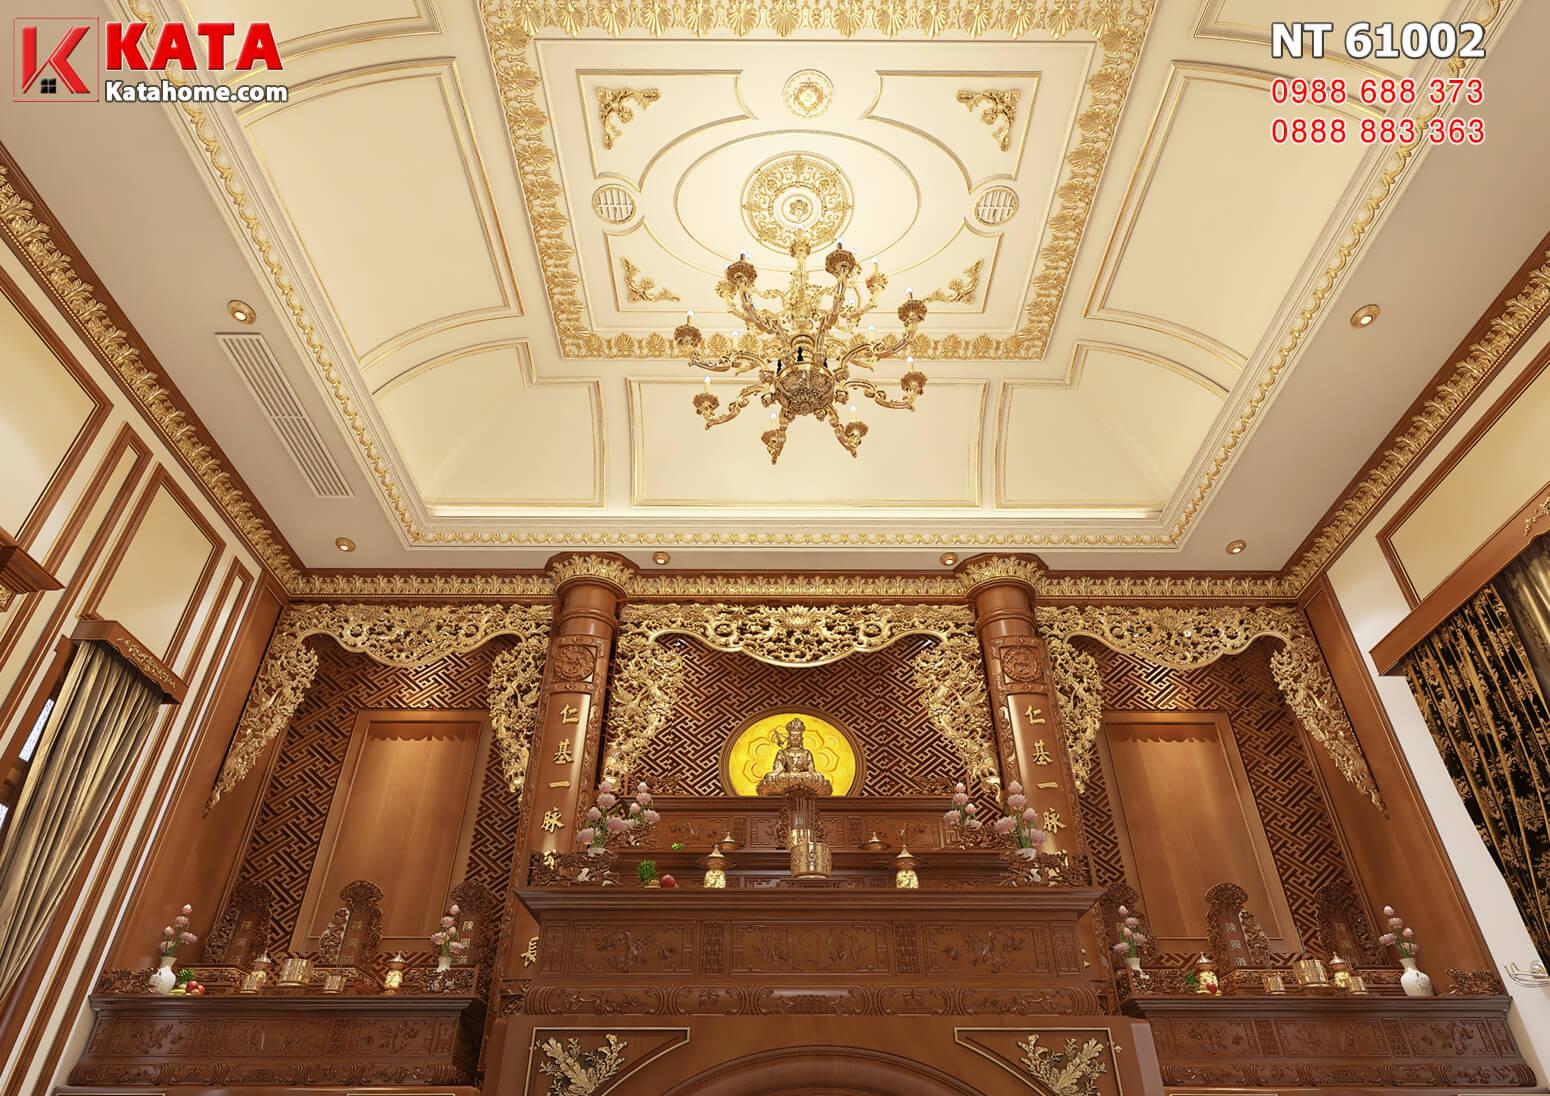 Hình ảnh: Không gian phòng thờ bao gồm bàn thờ phật và 2 khu bàn thờ gia tiên 2 bên